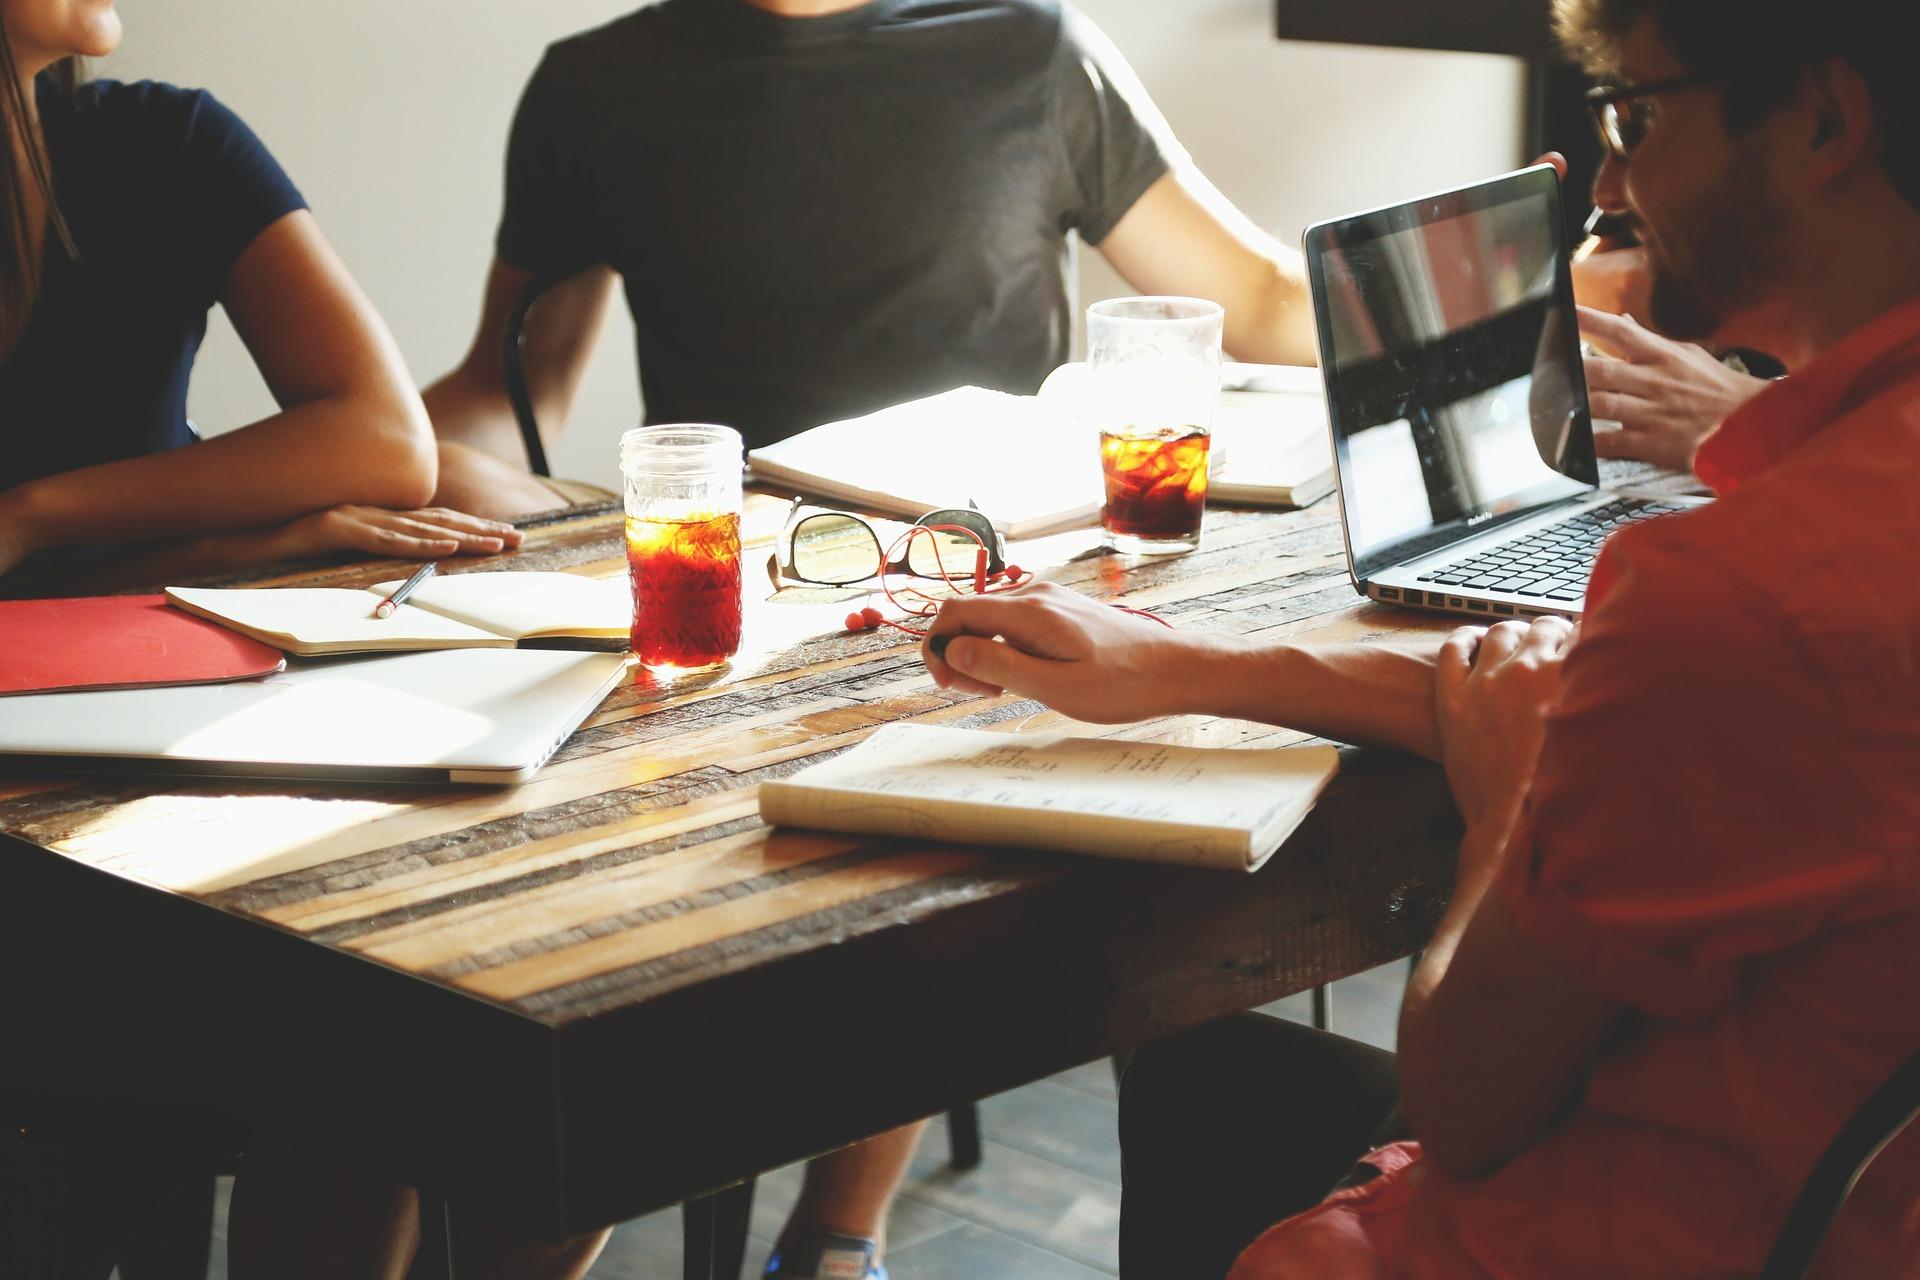 Startup gründen ohne Kapital